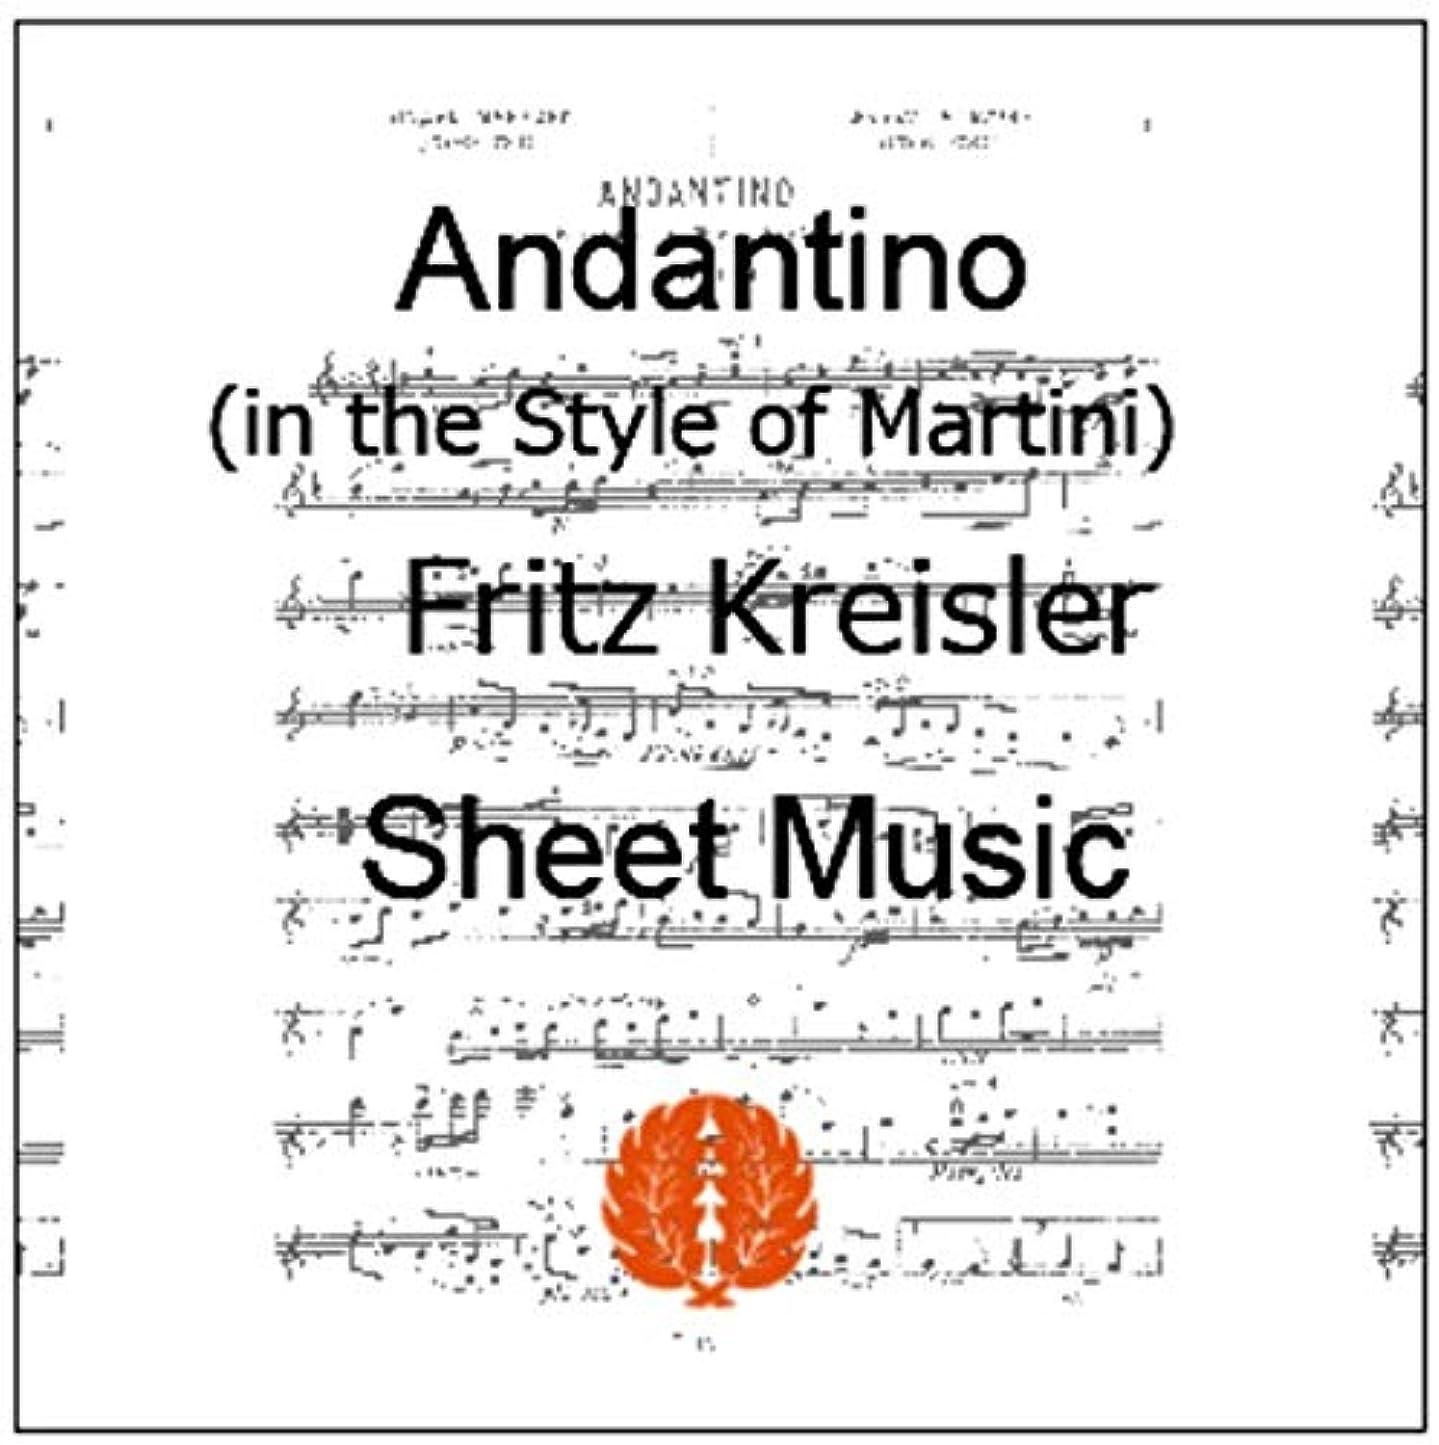 略語征服生きる楽譜 pdf クライスラー アンダンティーノ(マルティーニ風) ヴァイオリンによる演奏用楽譜 チェロによる演奏用楽譜 ピアノ伴奏譜(共通)